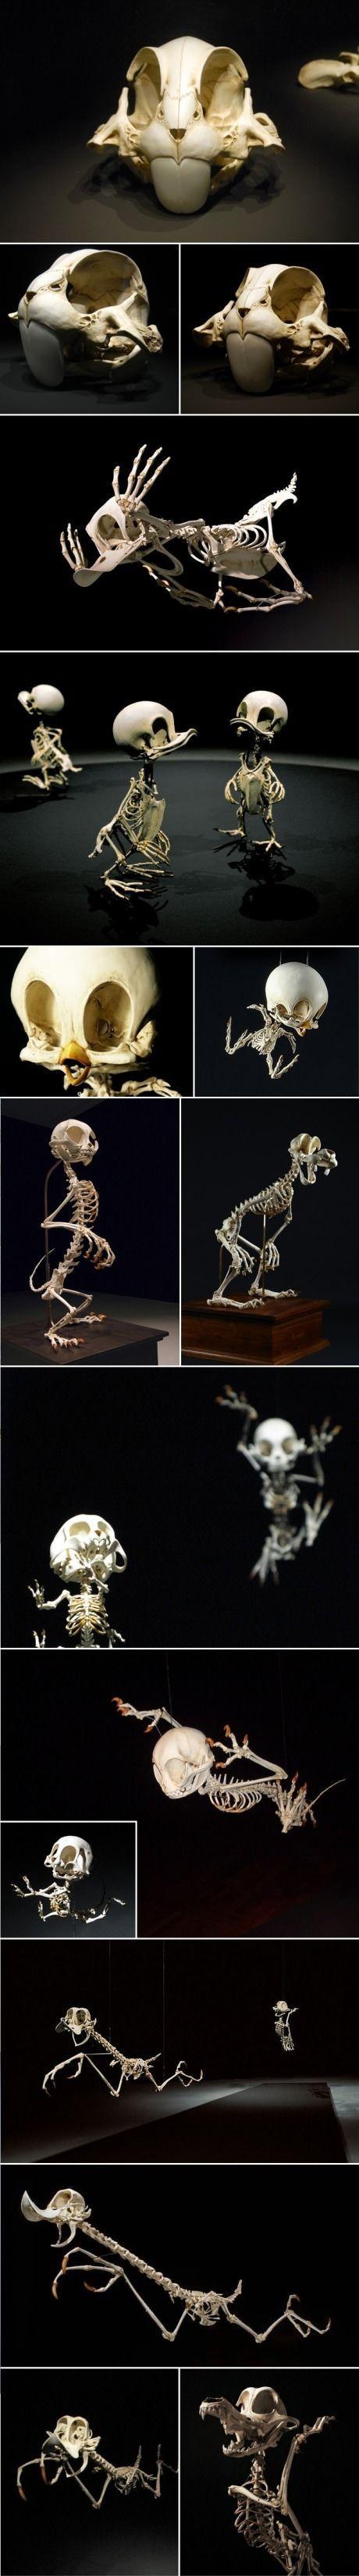 Skeletons of Disney Characters.